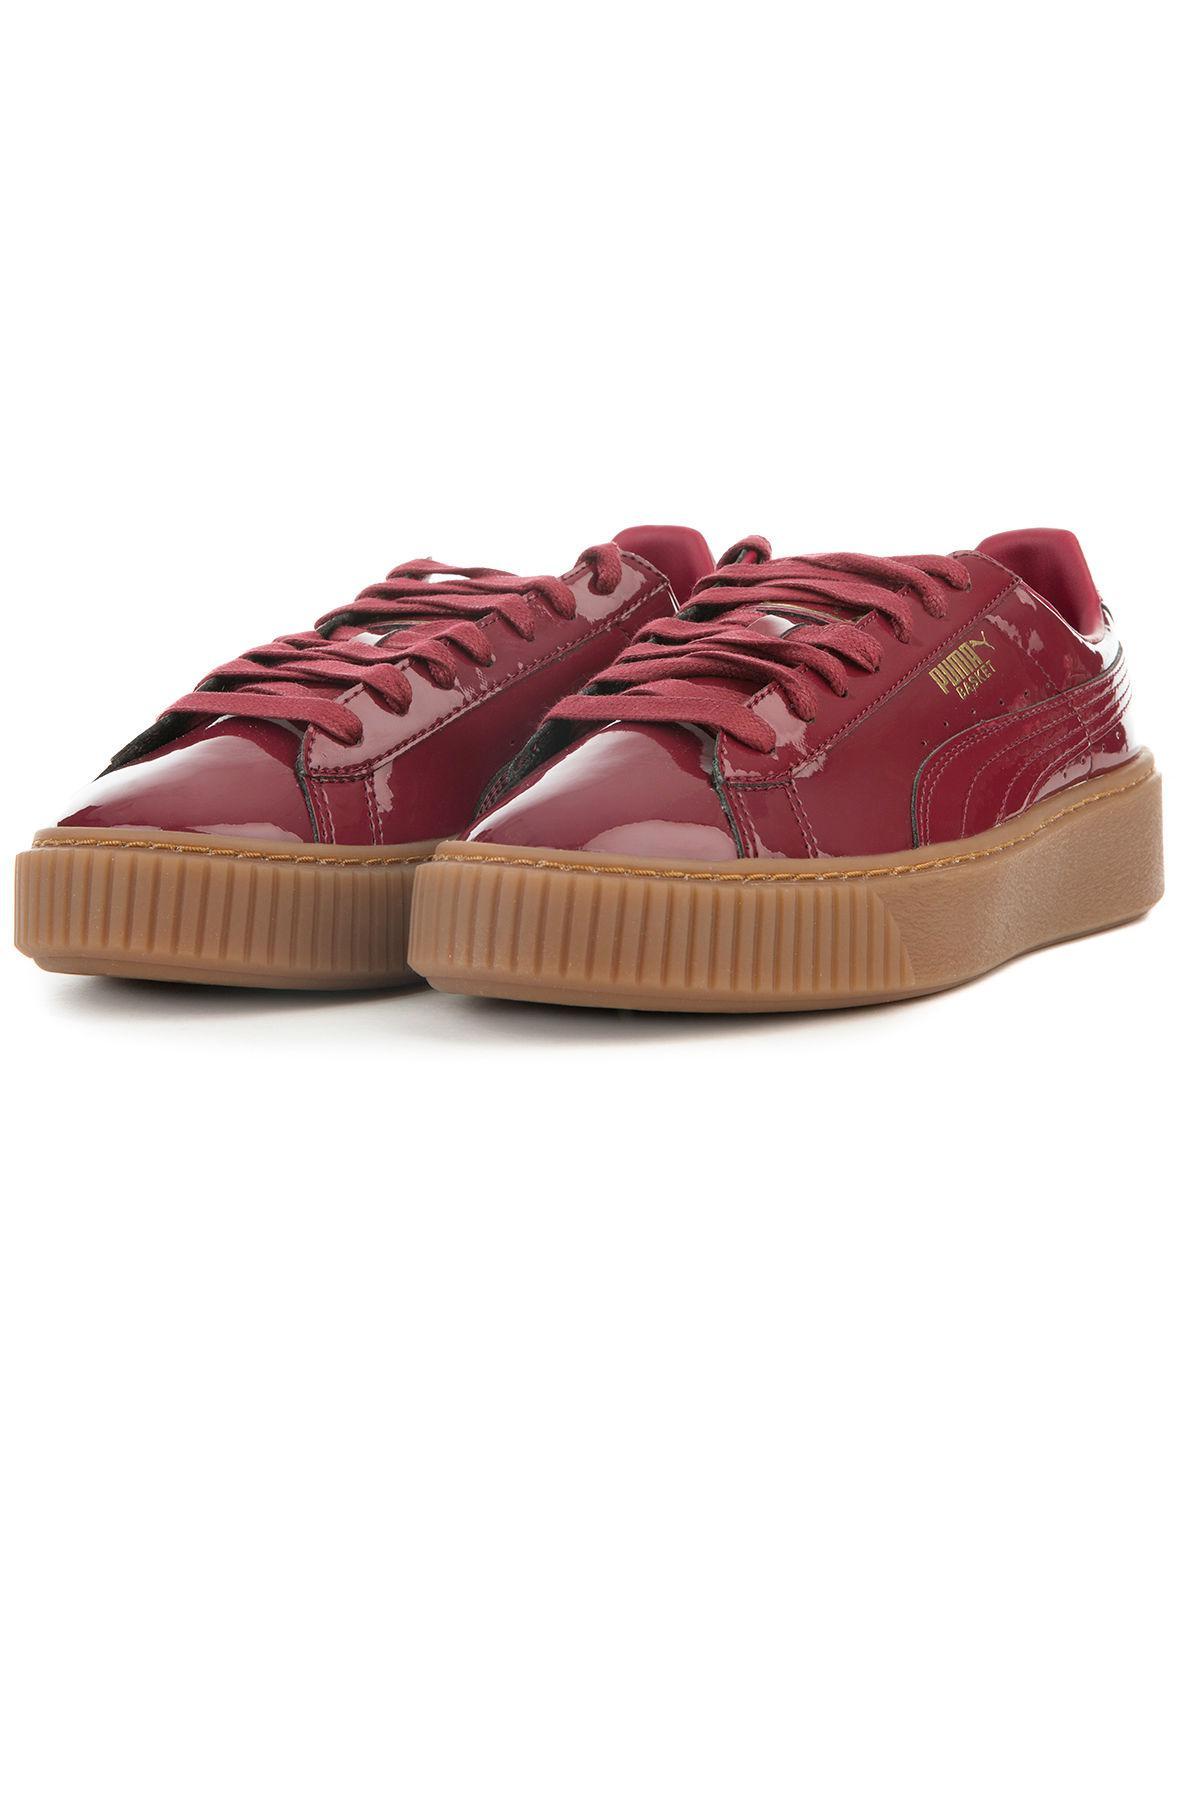 8cbb6e8408d7 Lyst - PUMA The Basket Platform Patent In Tibetan Red in Red